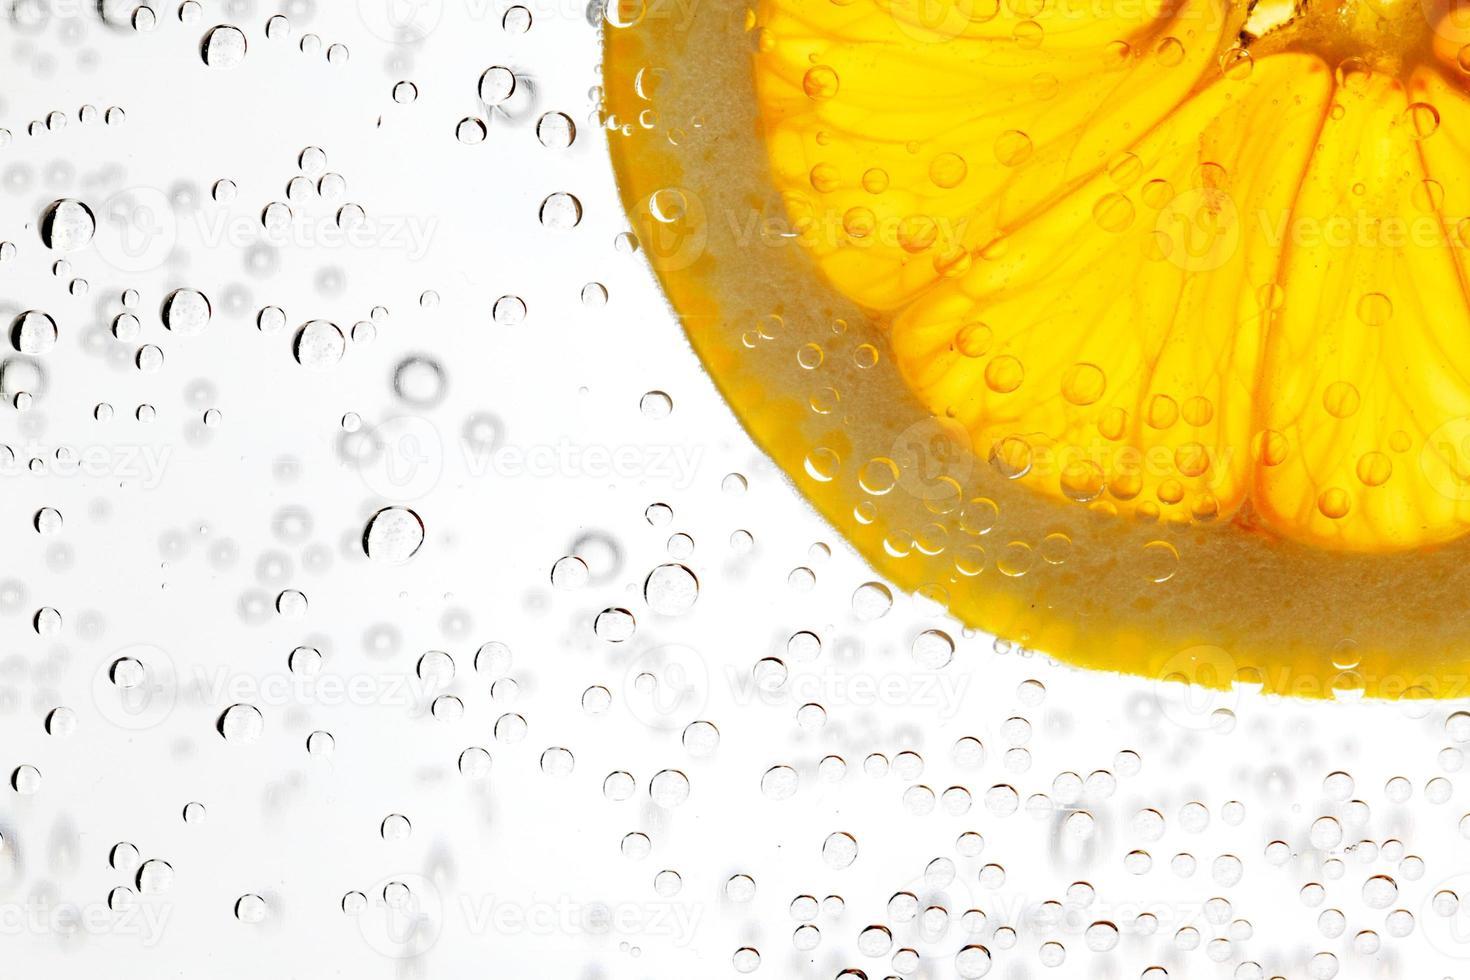 una fetta di agrumi in un bicchiere d'acqua foto